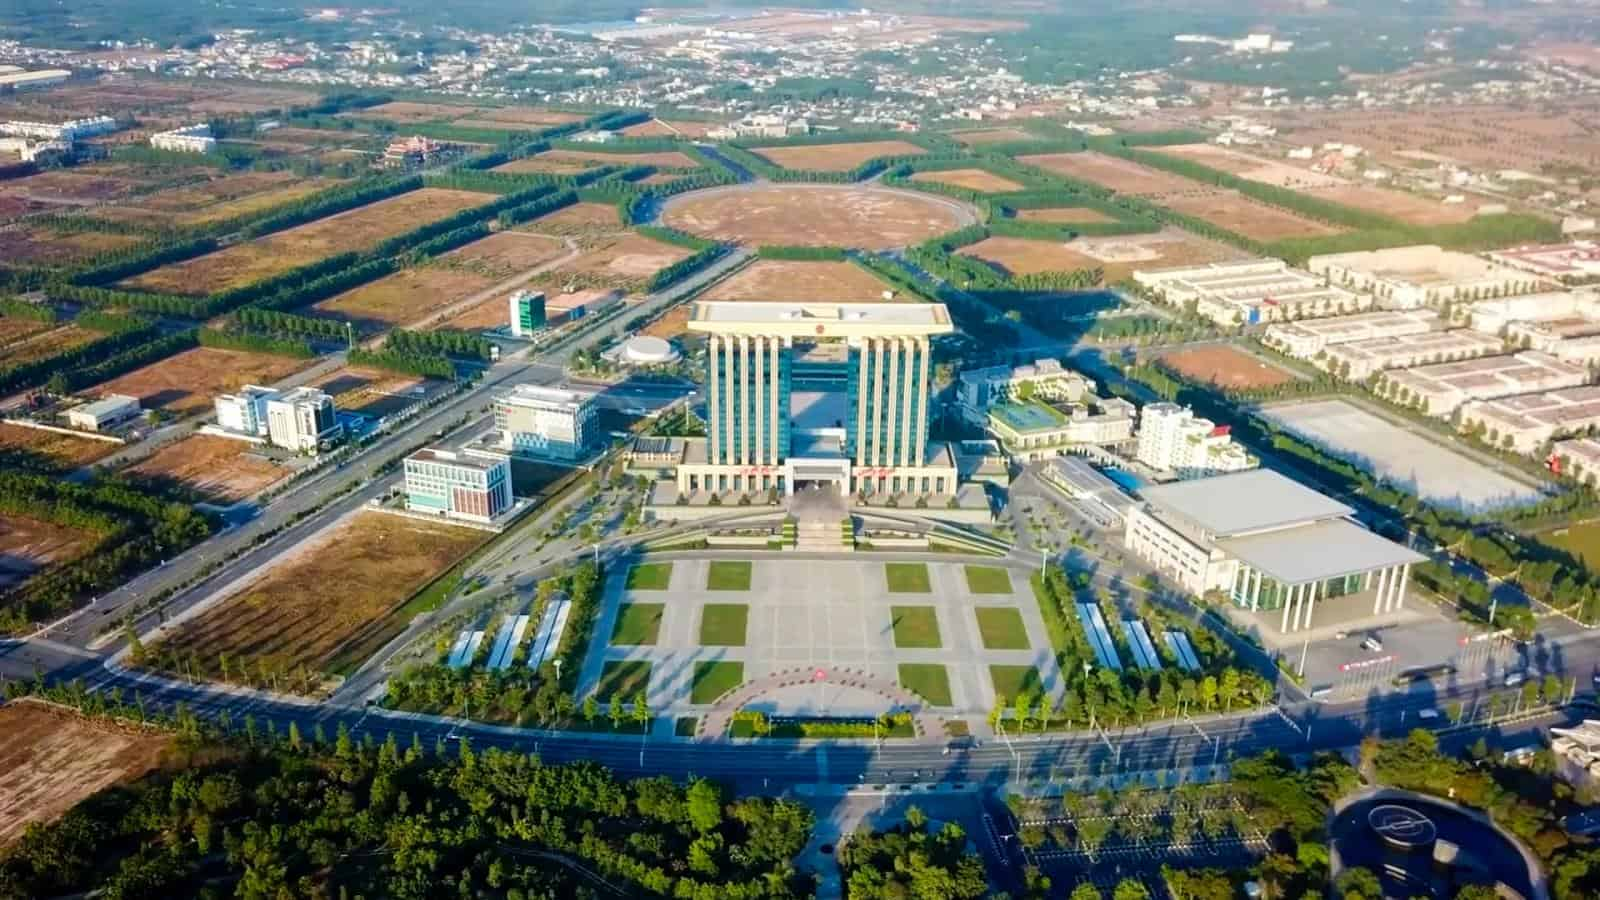 Astral City Bình Dương điểm đến hấp dẫn đầu tư bất động sản